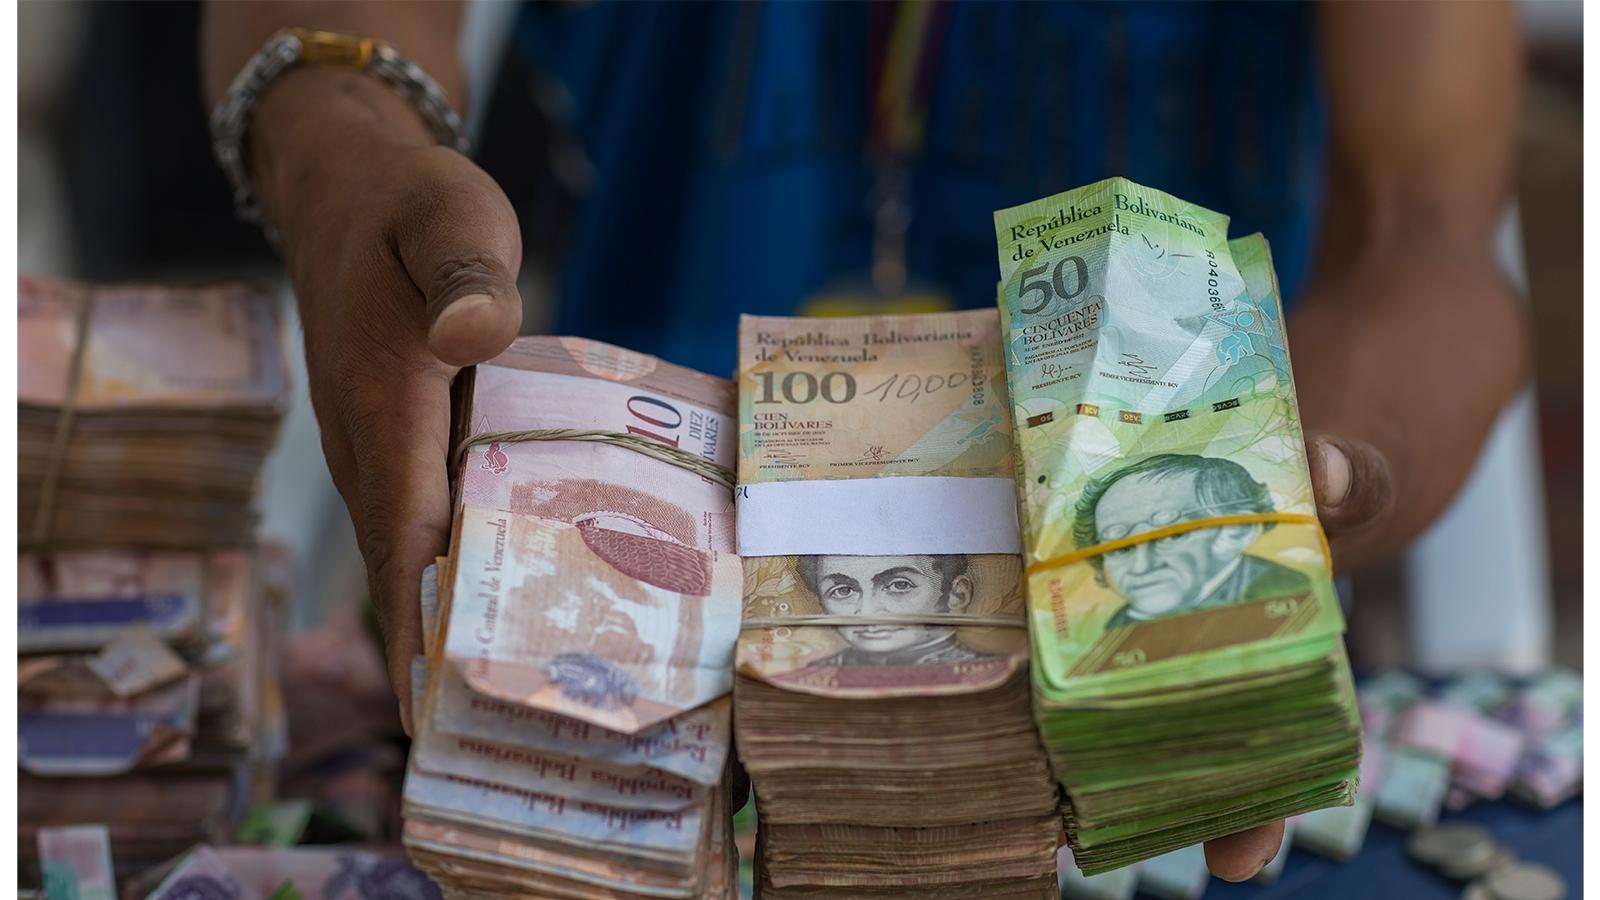 El FMI se declara incapaz de evaluar los últimos datos económicos de Venezuela